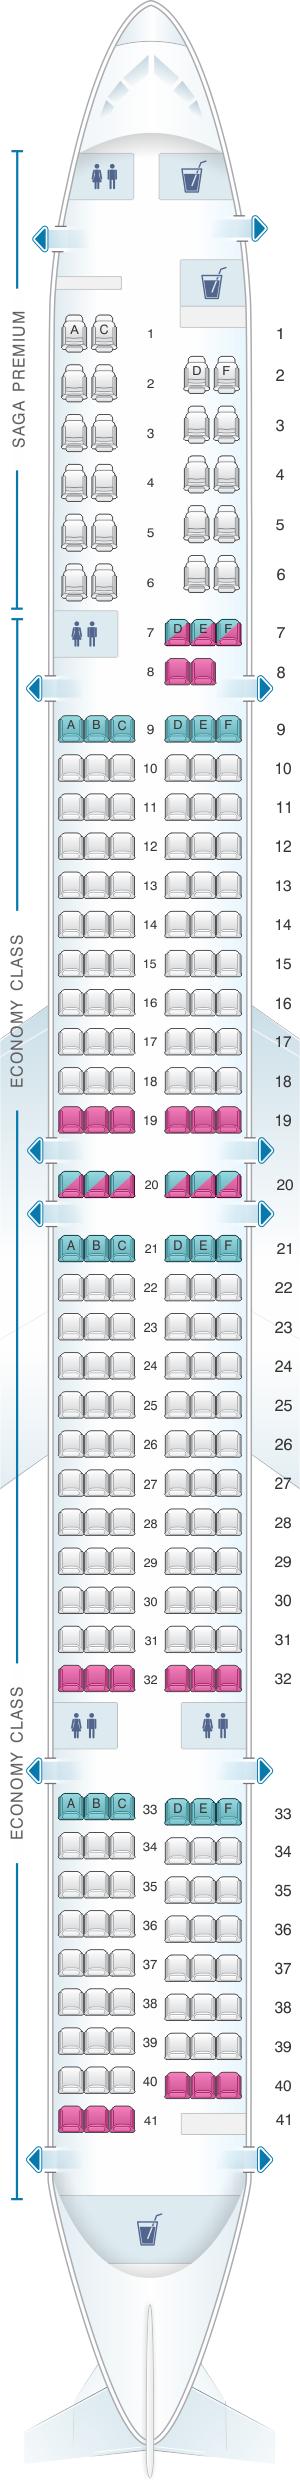 Seat map for Icelandair Boeing B757 300